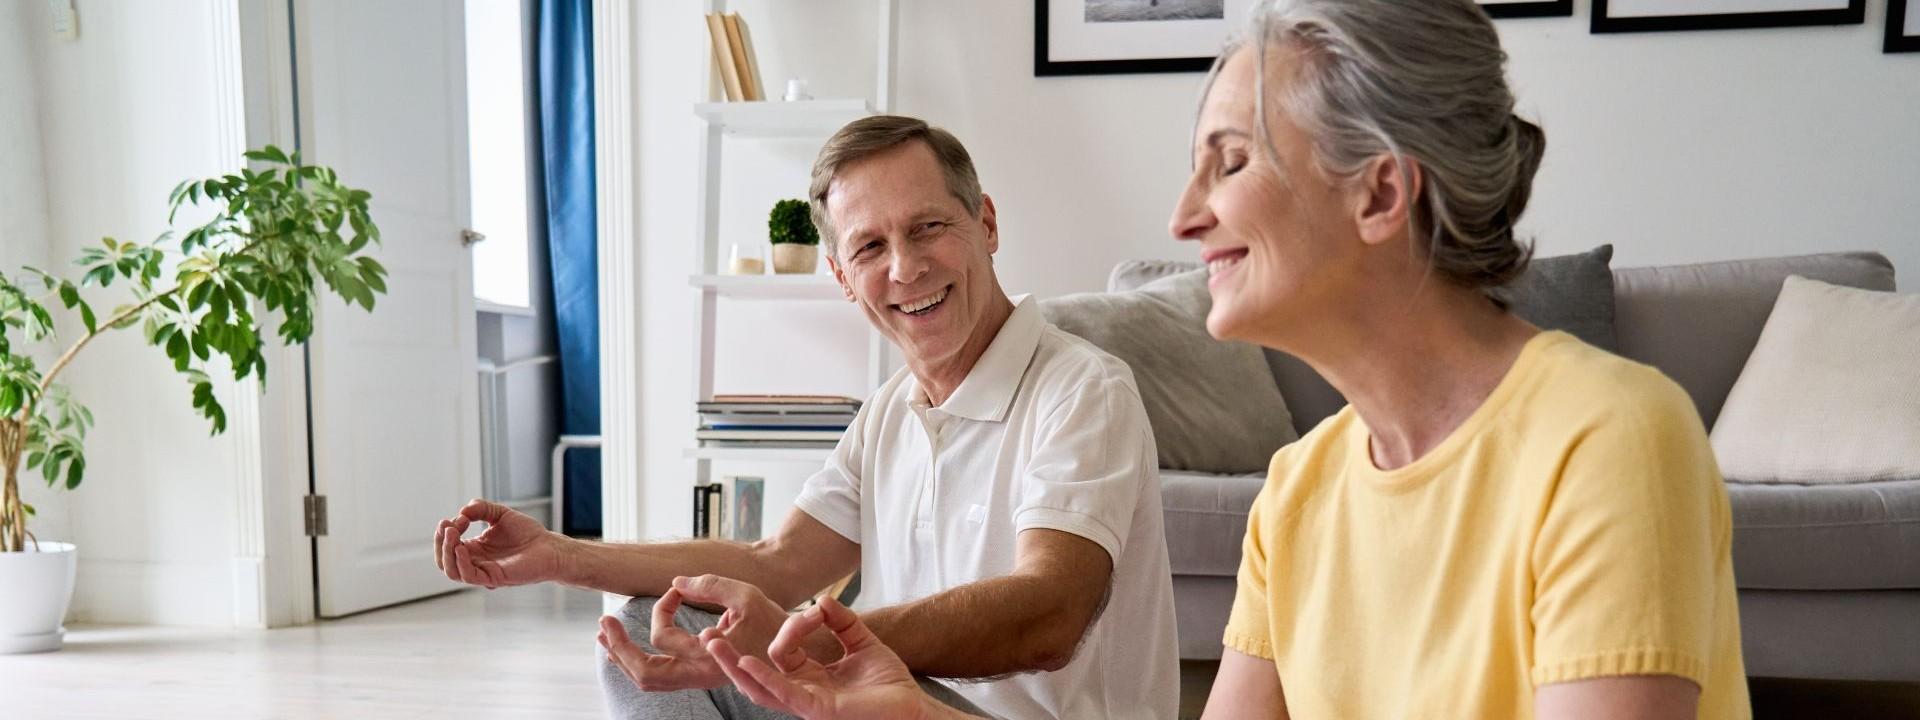 Ein etwa 60-jähriges Paar sitzt im Wohnzimmer auf zwei Sportmatten und macht lächelnd Yoga-Übungen.